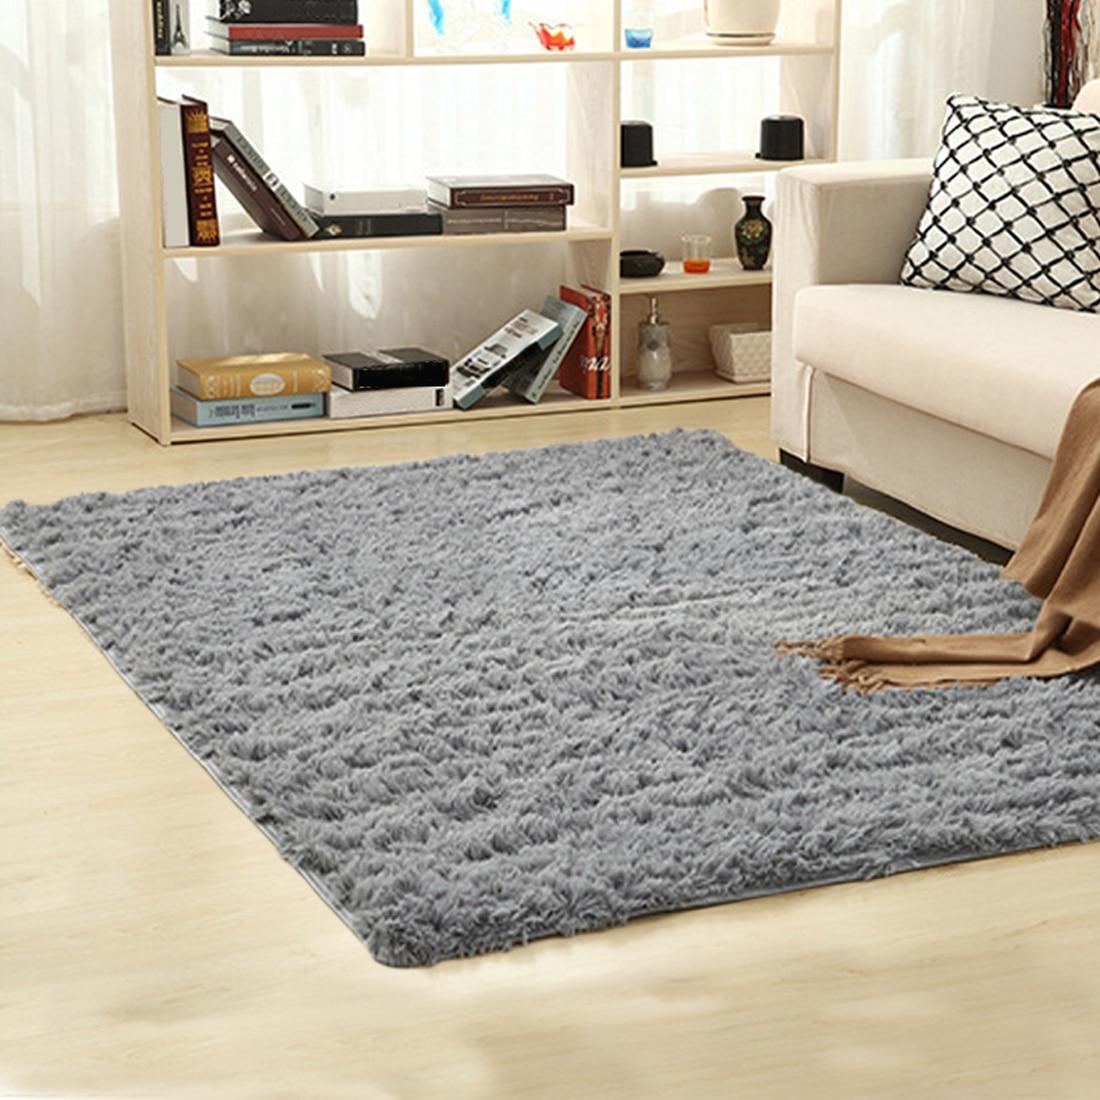 Домашний текстиль гостиная ковер Большие размеры коврик длинные волосы ковер спальни чайный столик ковер спальня коврик ковер современные...